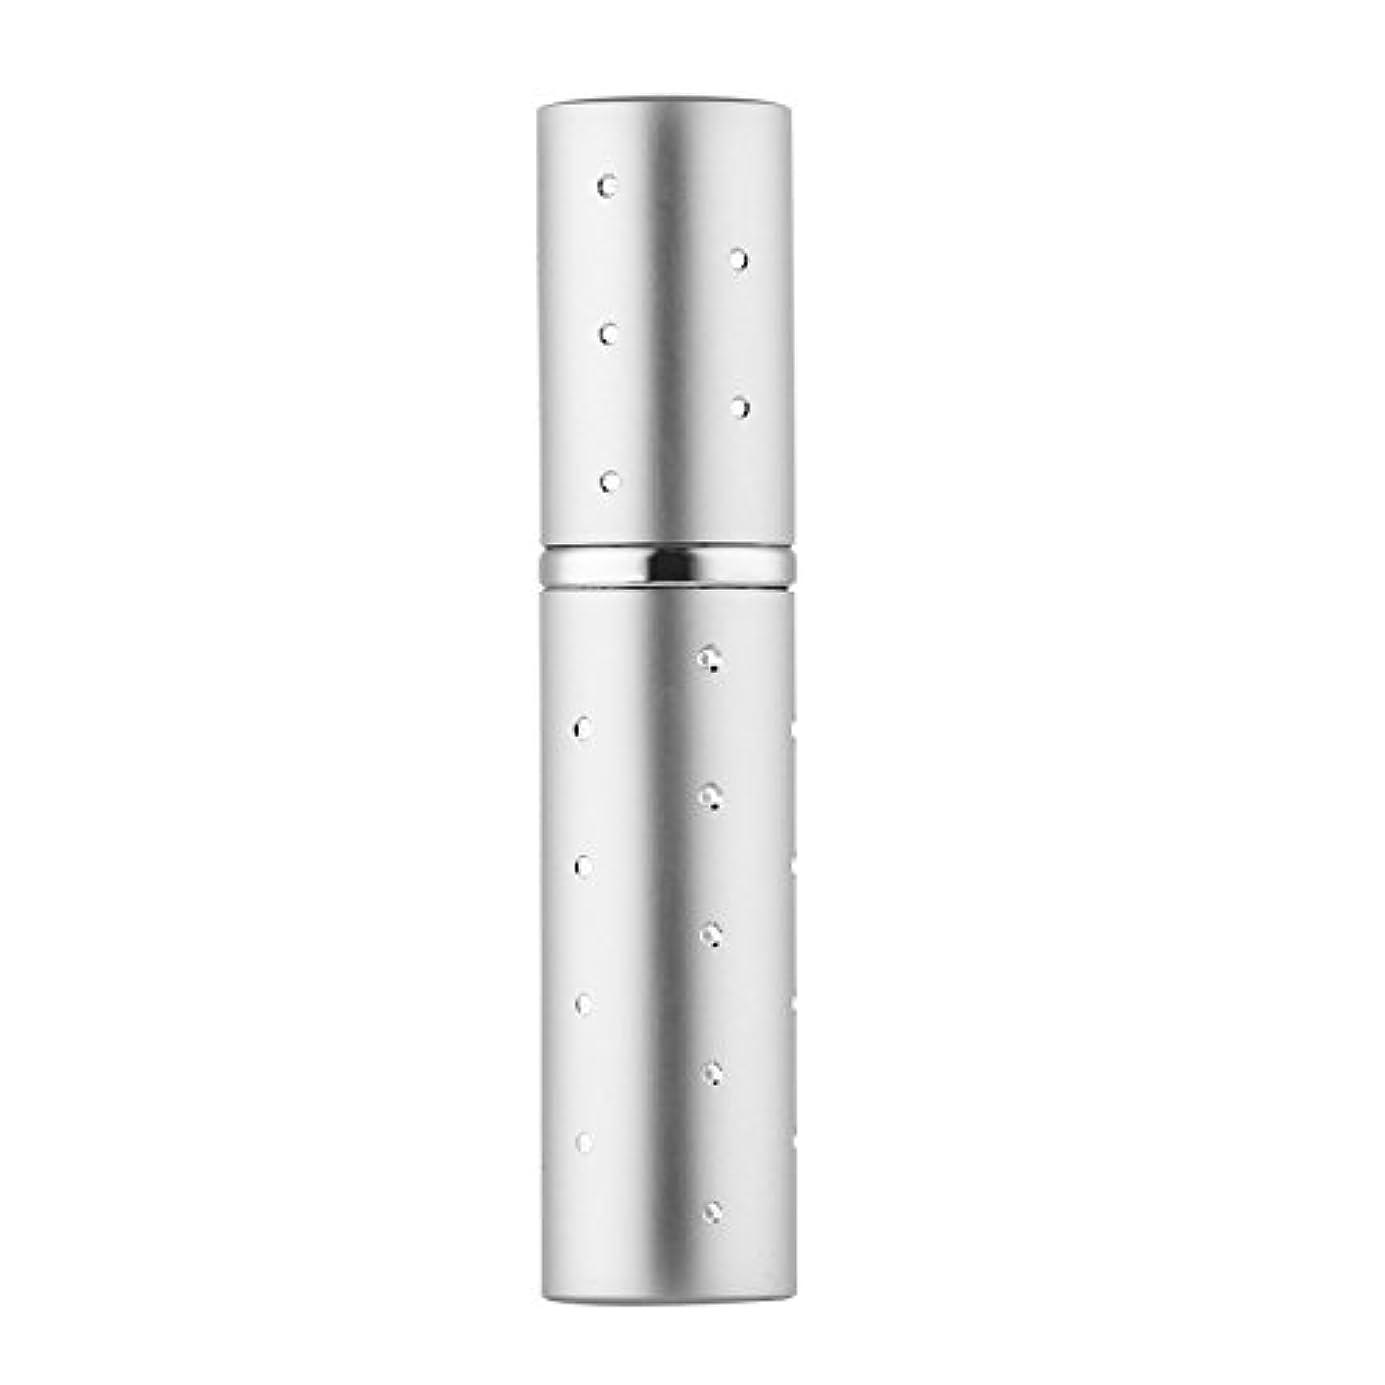 それるアカデミー安全な香水アトマイザー Faireach レディース スプレーボトル 香水噴霧器 旅行携帯便利 詰め替え容器 5ml